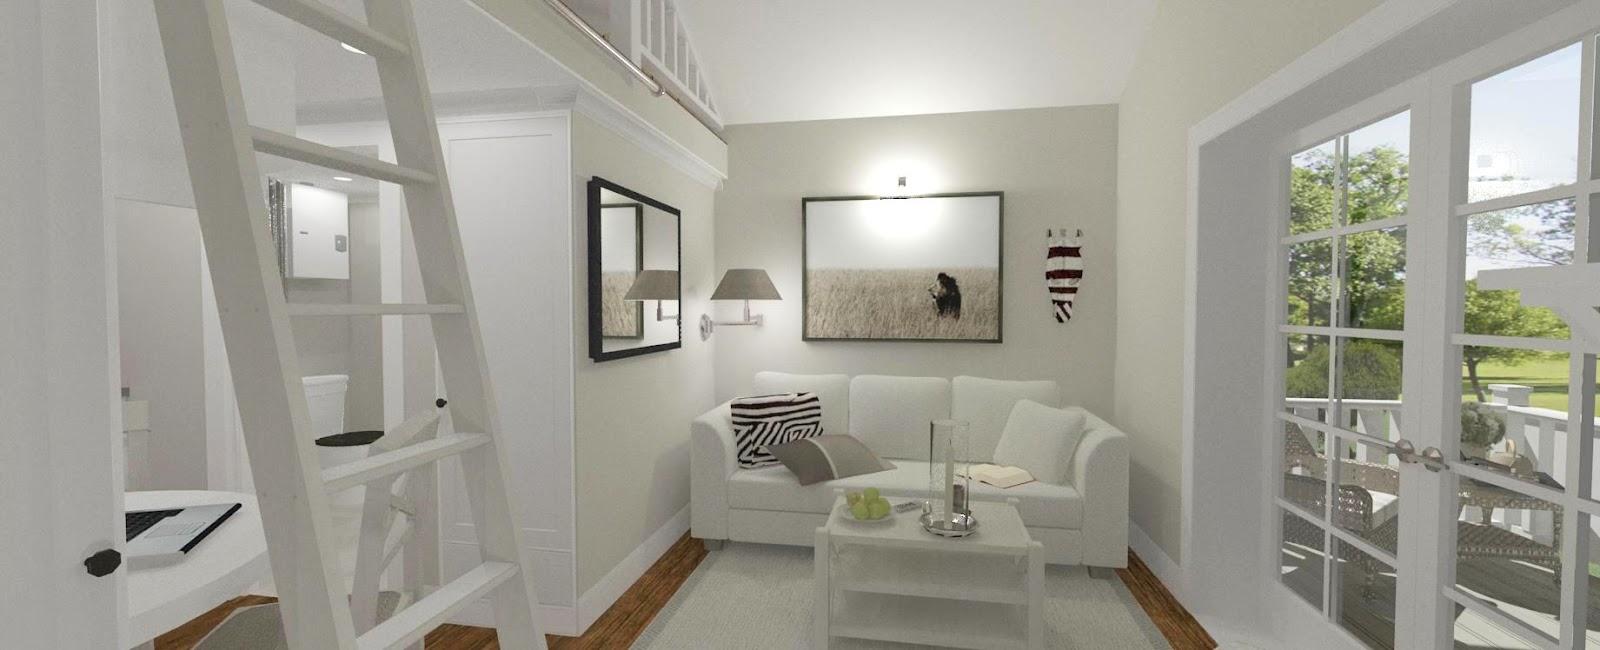 Dreams & coffees arkitekt  och projektblogg: attefallshus som ...